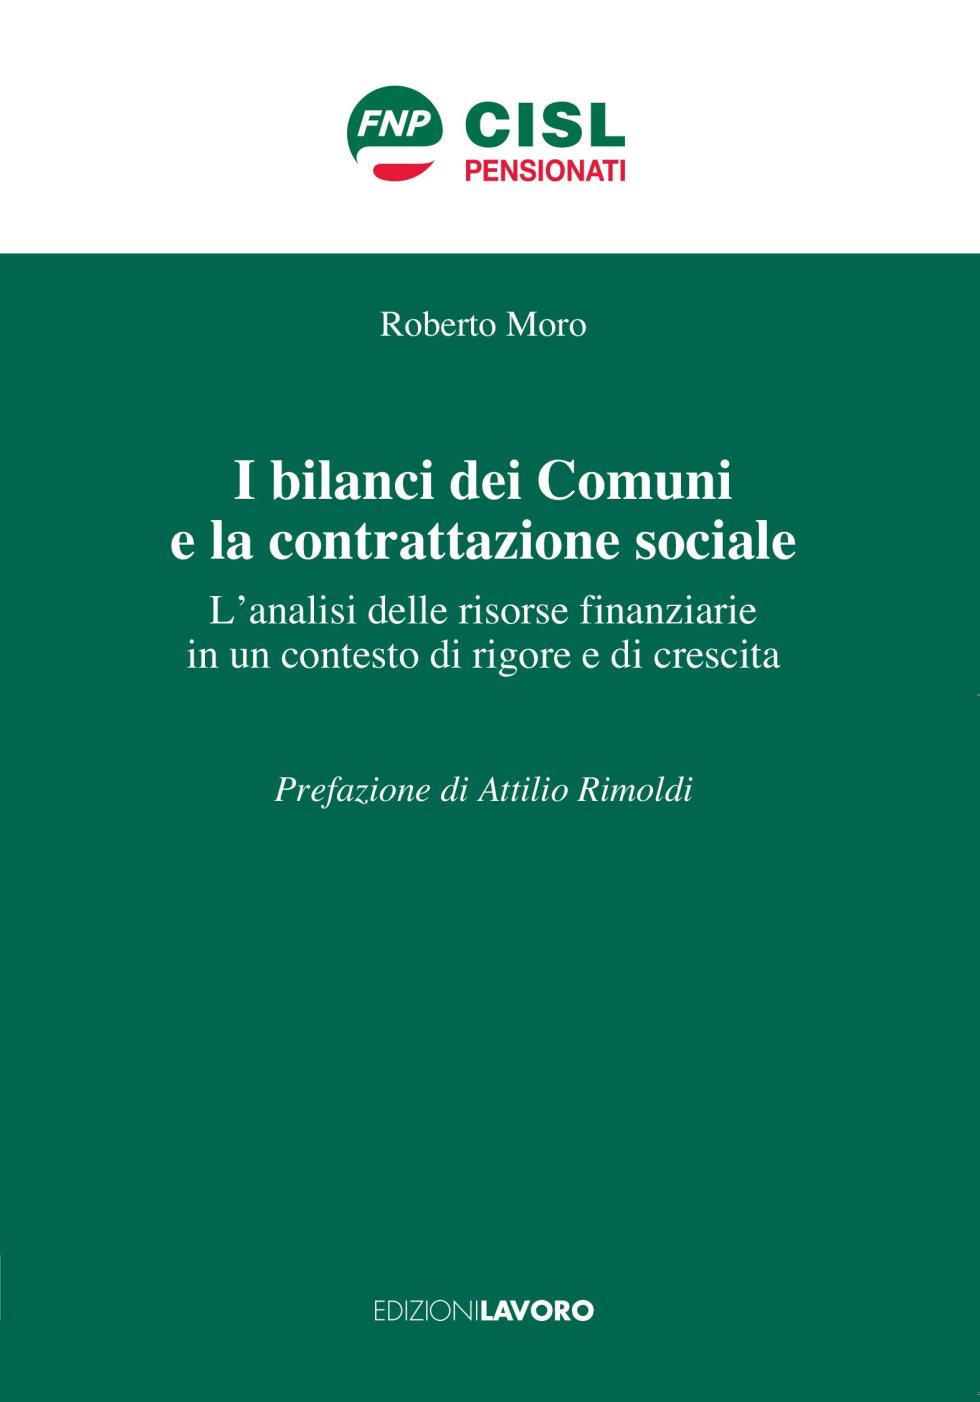 I bilanci dei Comuni e la contrattazione sociale